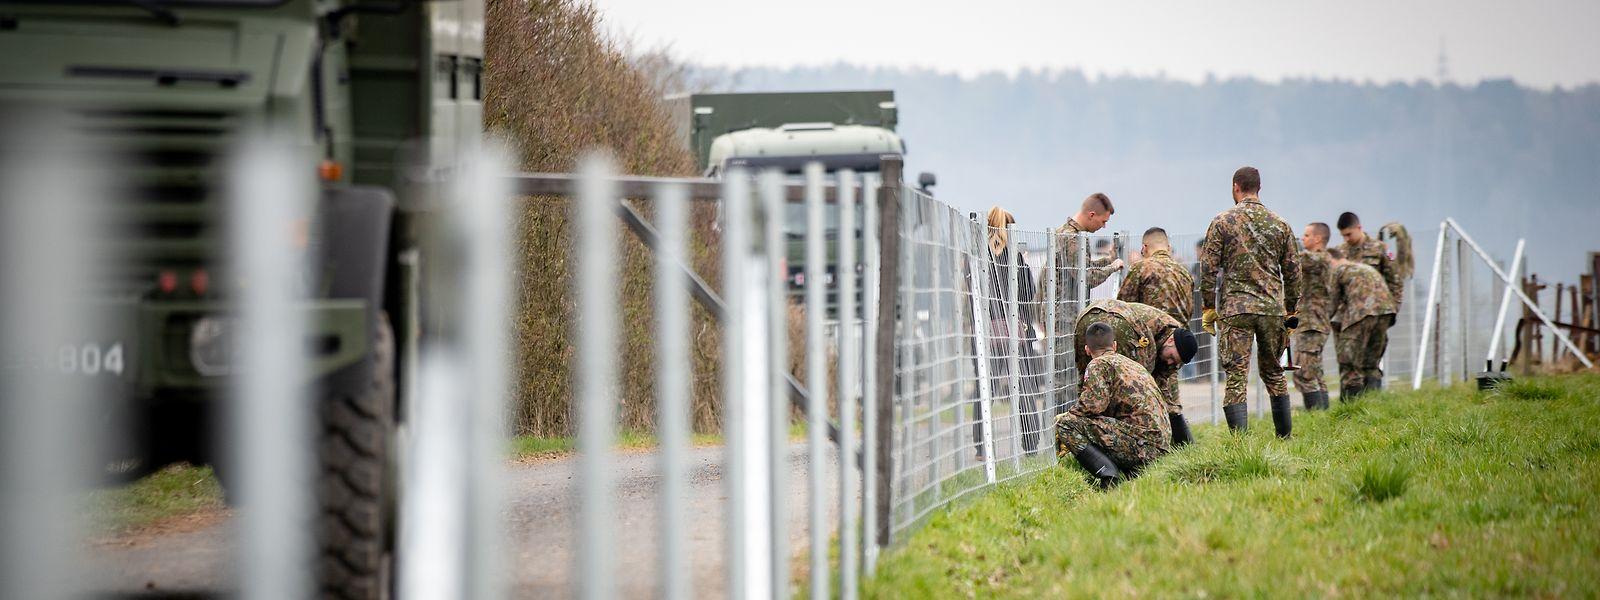 Noch steht der Zaun nicht auf voller Länge, doch er sorgt bereits für viel Gesprächsstoff.